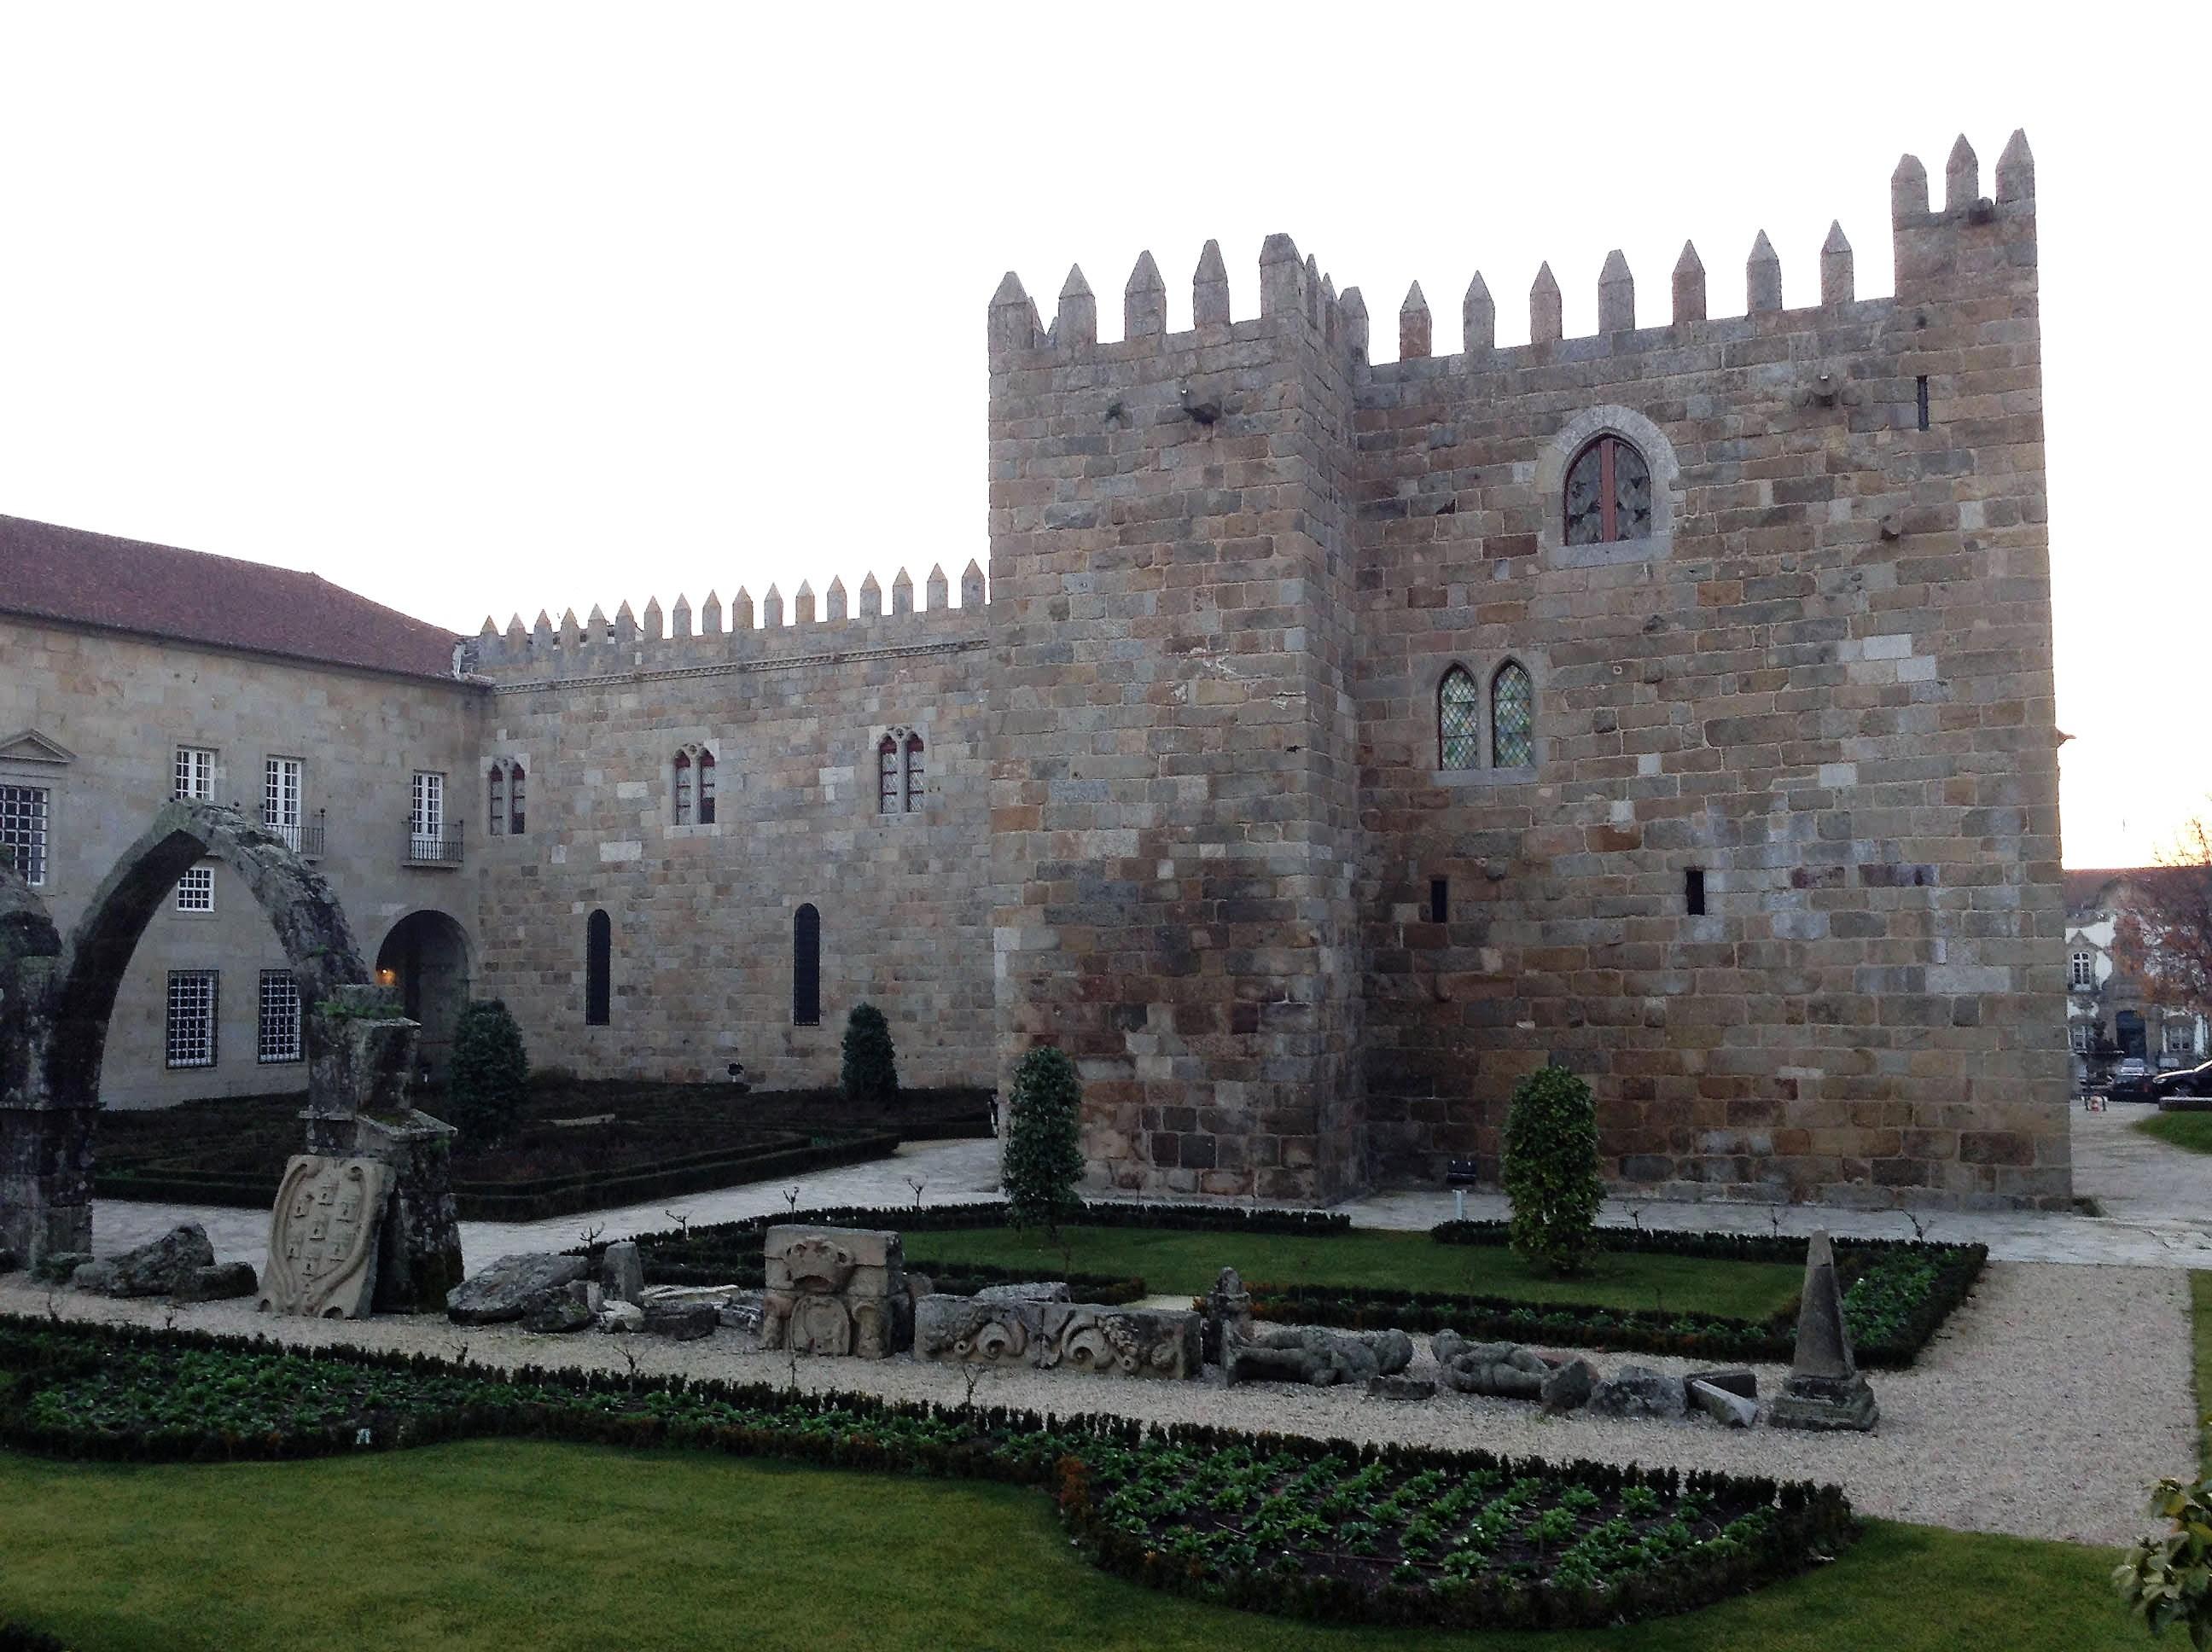 Palacio Arzobispal y Parque Sta. Barbara en Braga